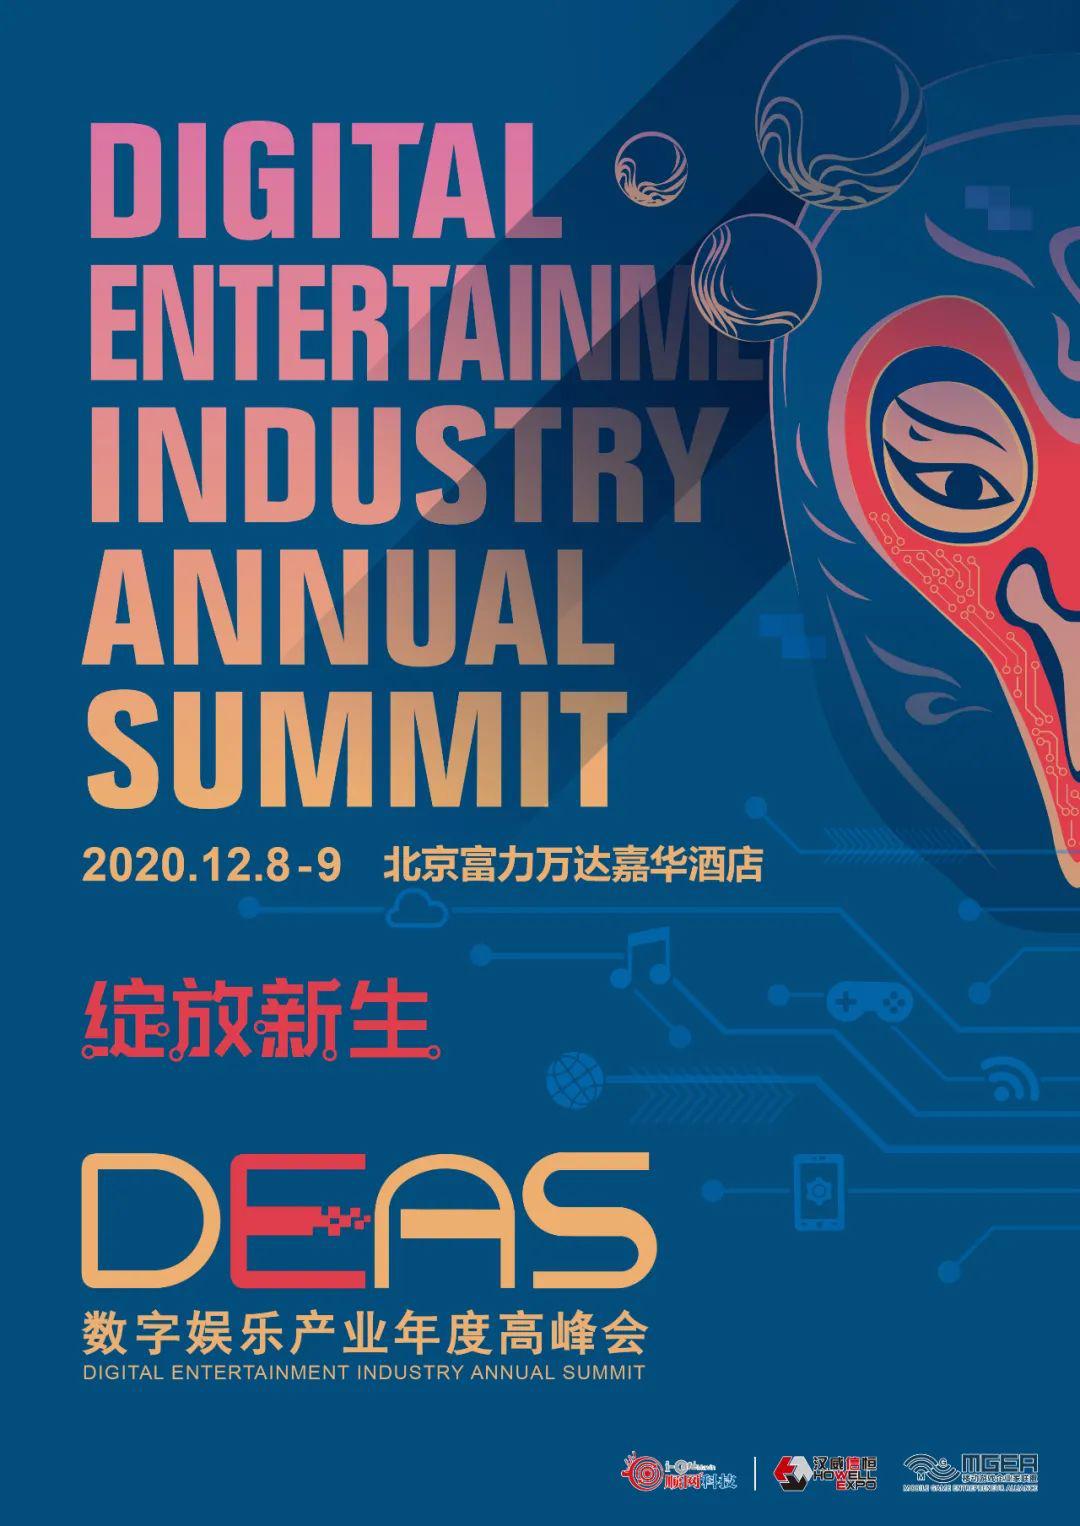 赋势竞上,2020数字娱乐产业年度高峰会(DEAS)嘉宾阵容公布(五)